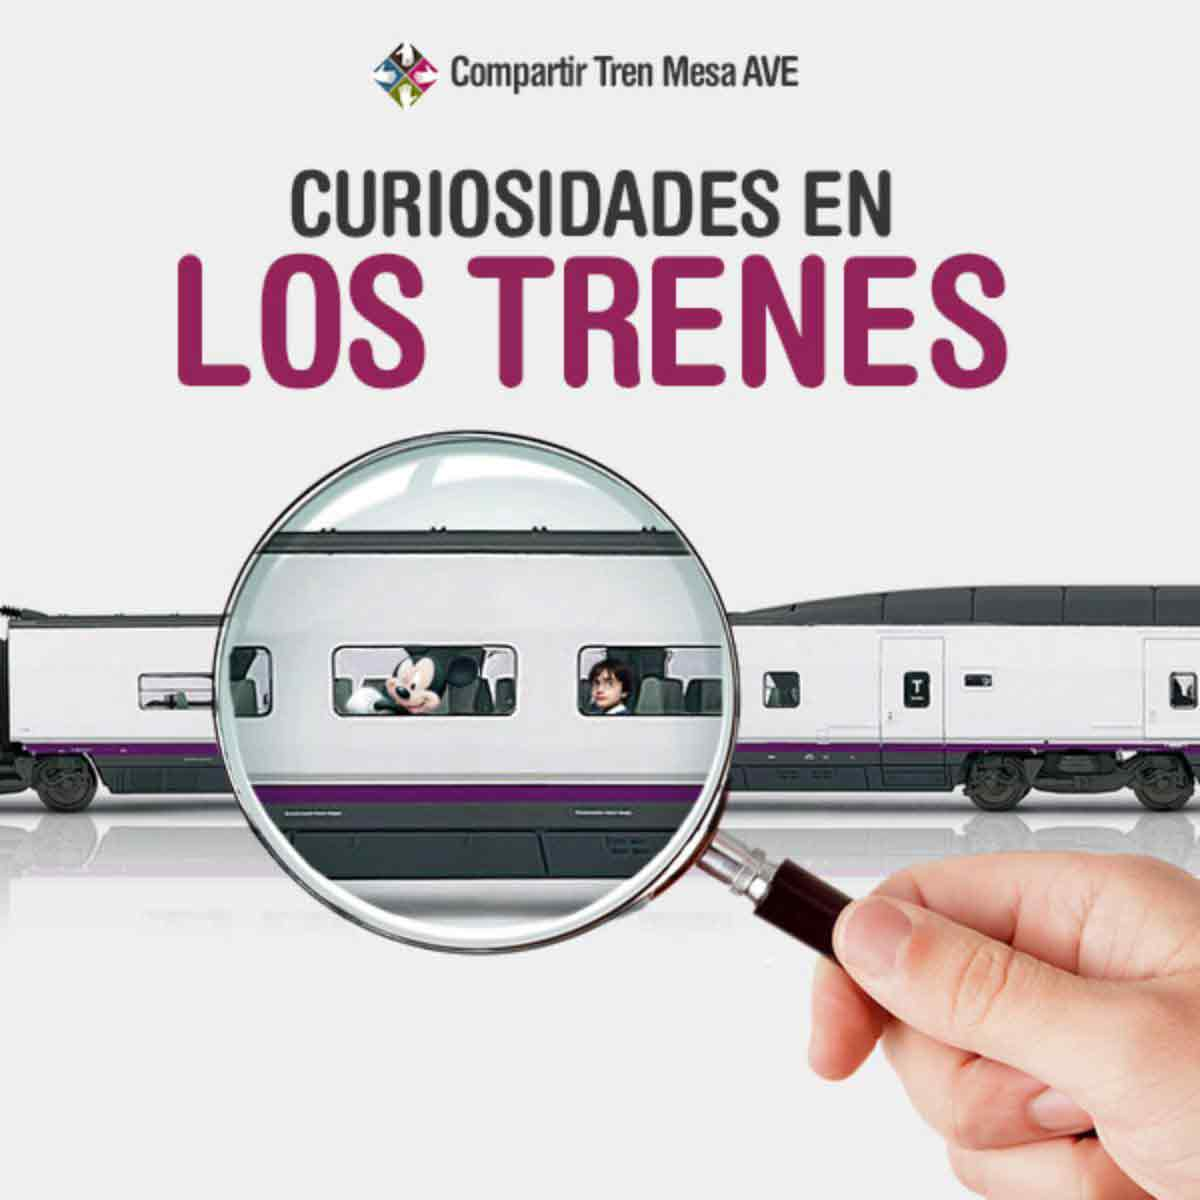 ¡Curiosidades en los trenes!